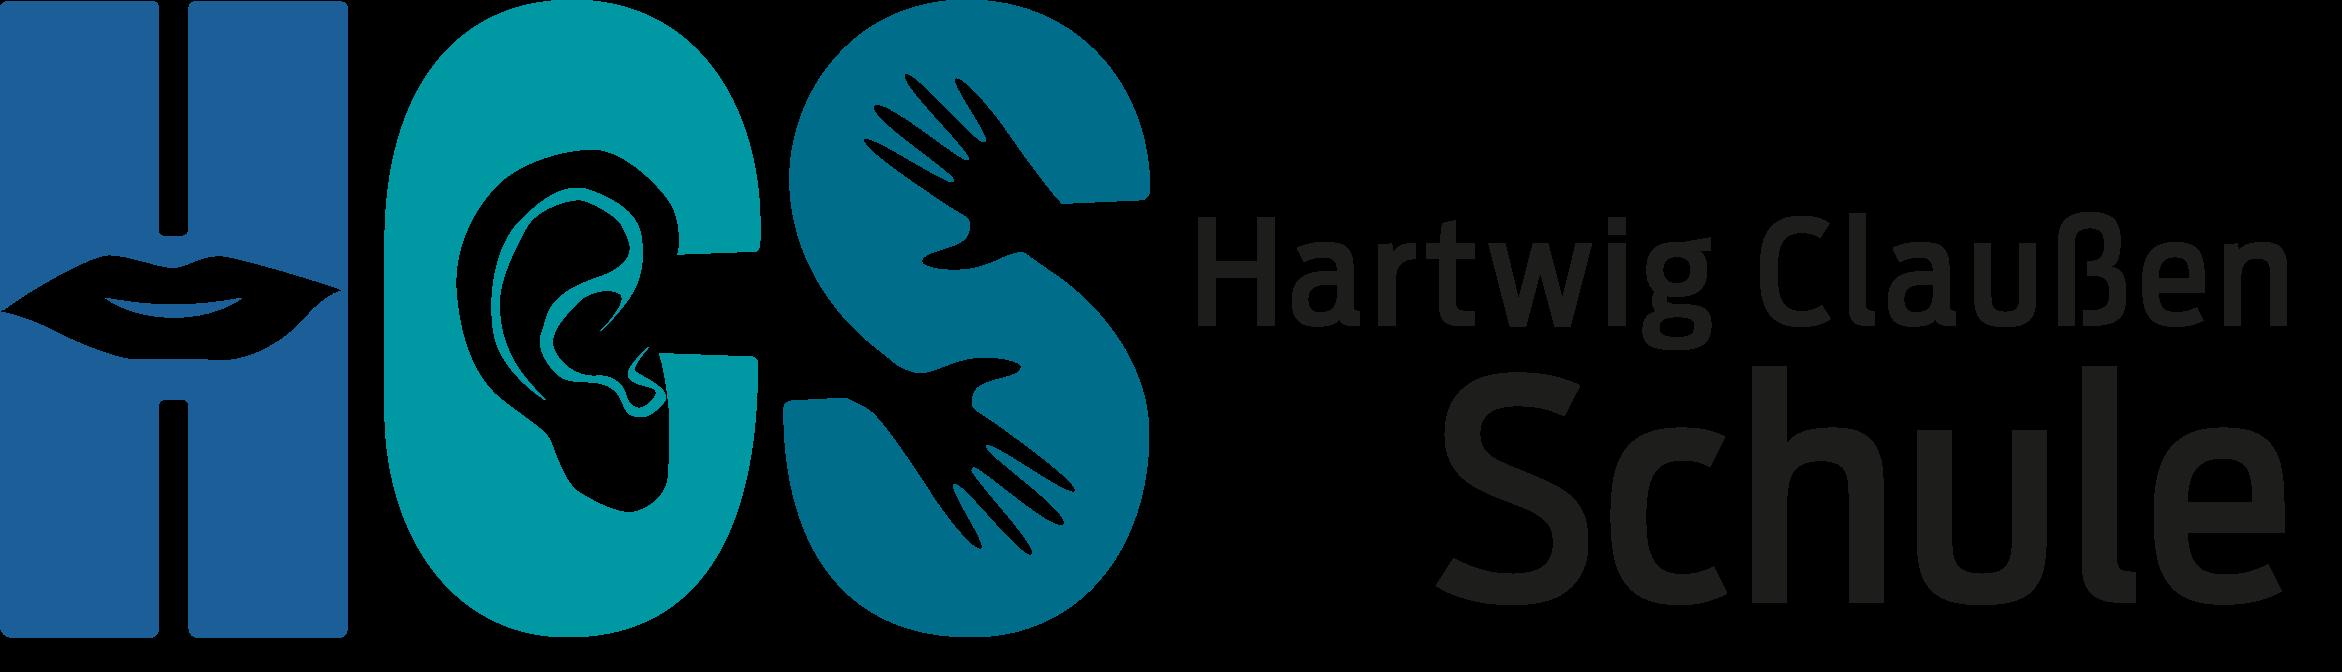 Hartwig-Claussen-Schule